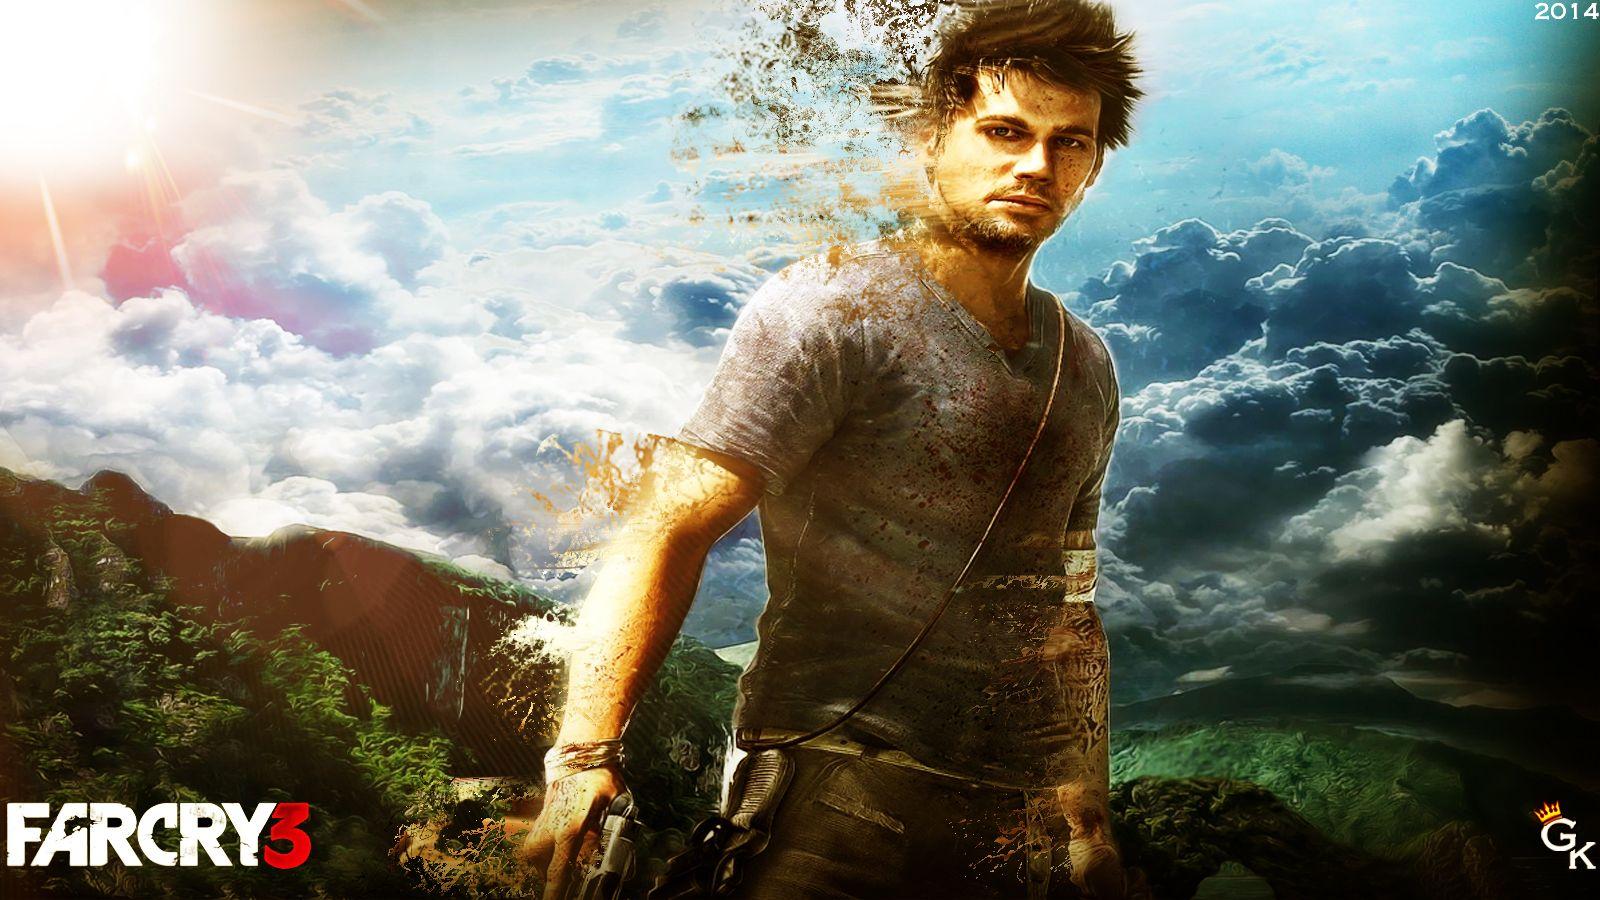 Far Cry 3 Jason Brody Fade Away By General K1mb0 On Deviantart Far Cry 4 Far Cry 3 La Trip